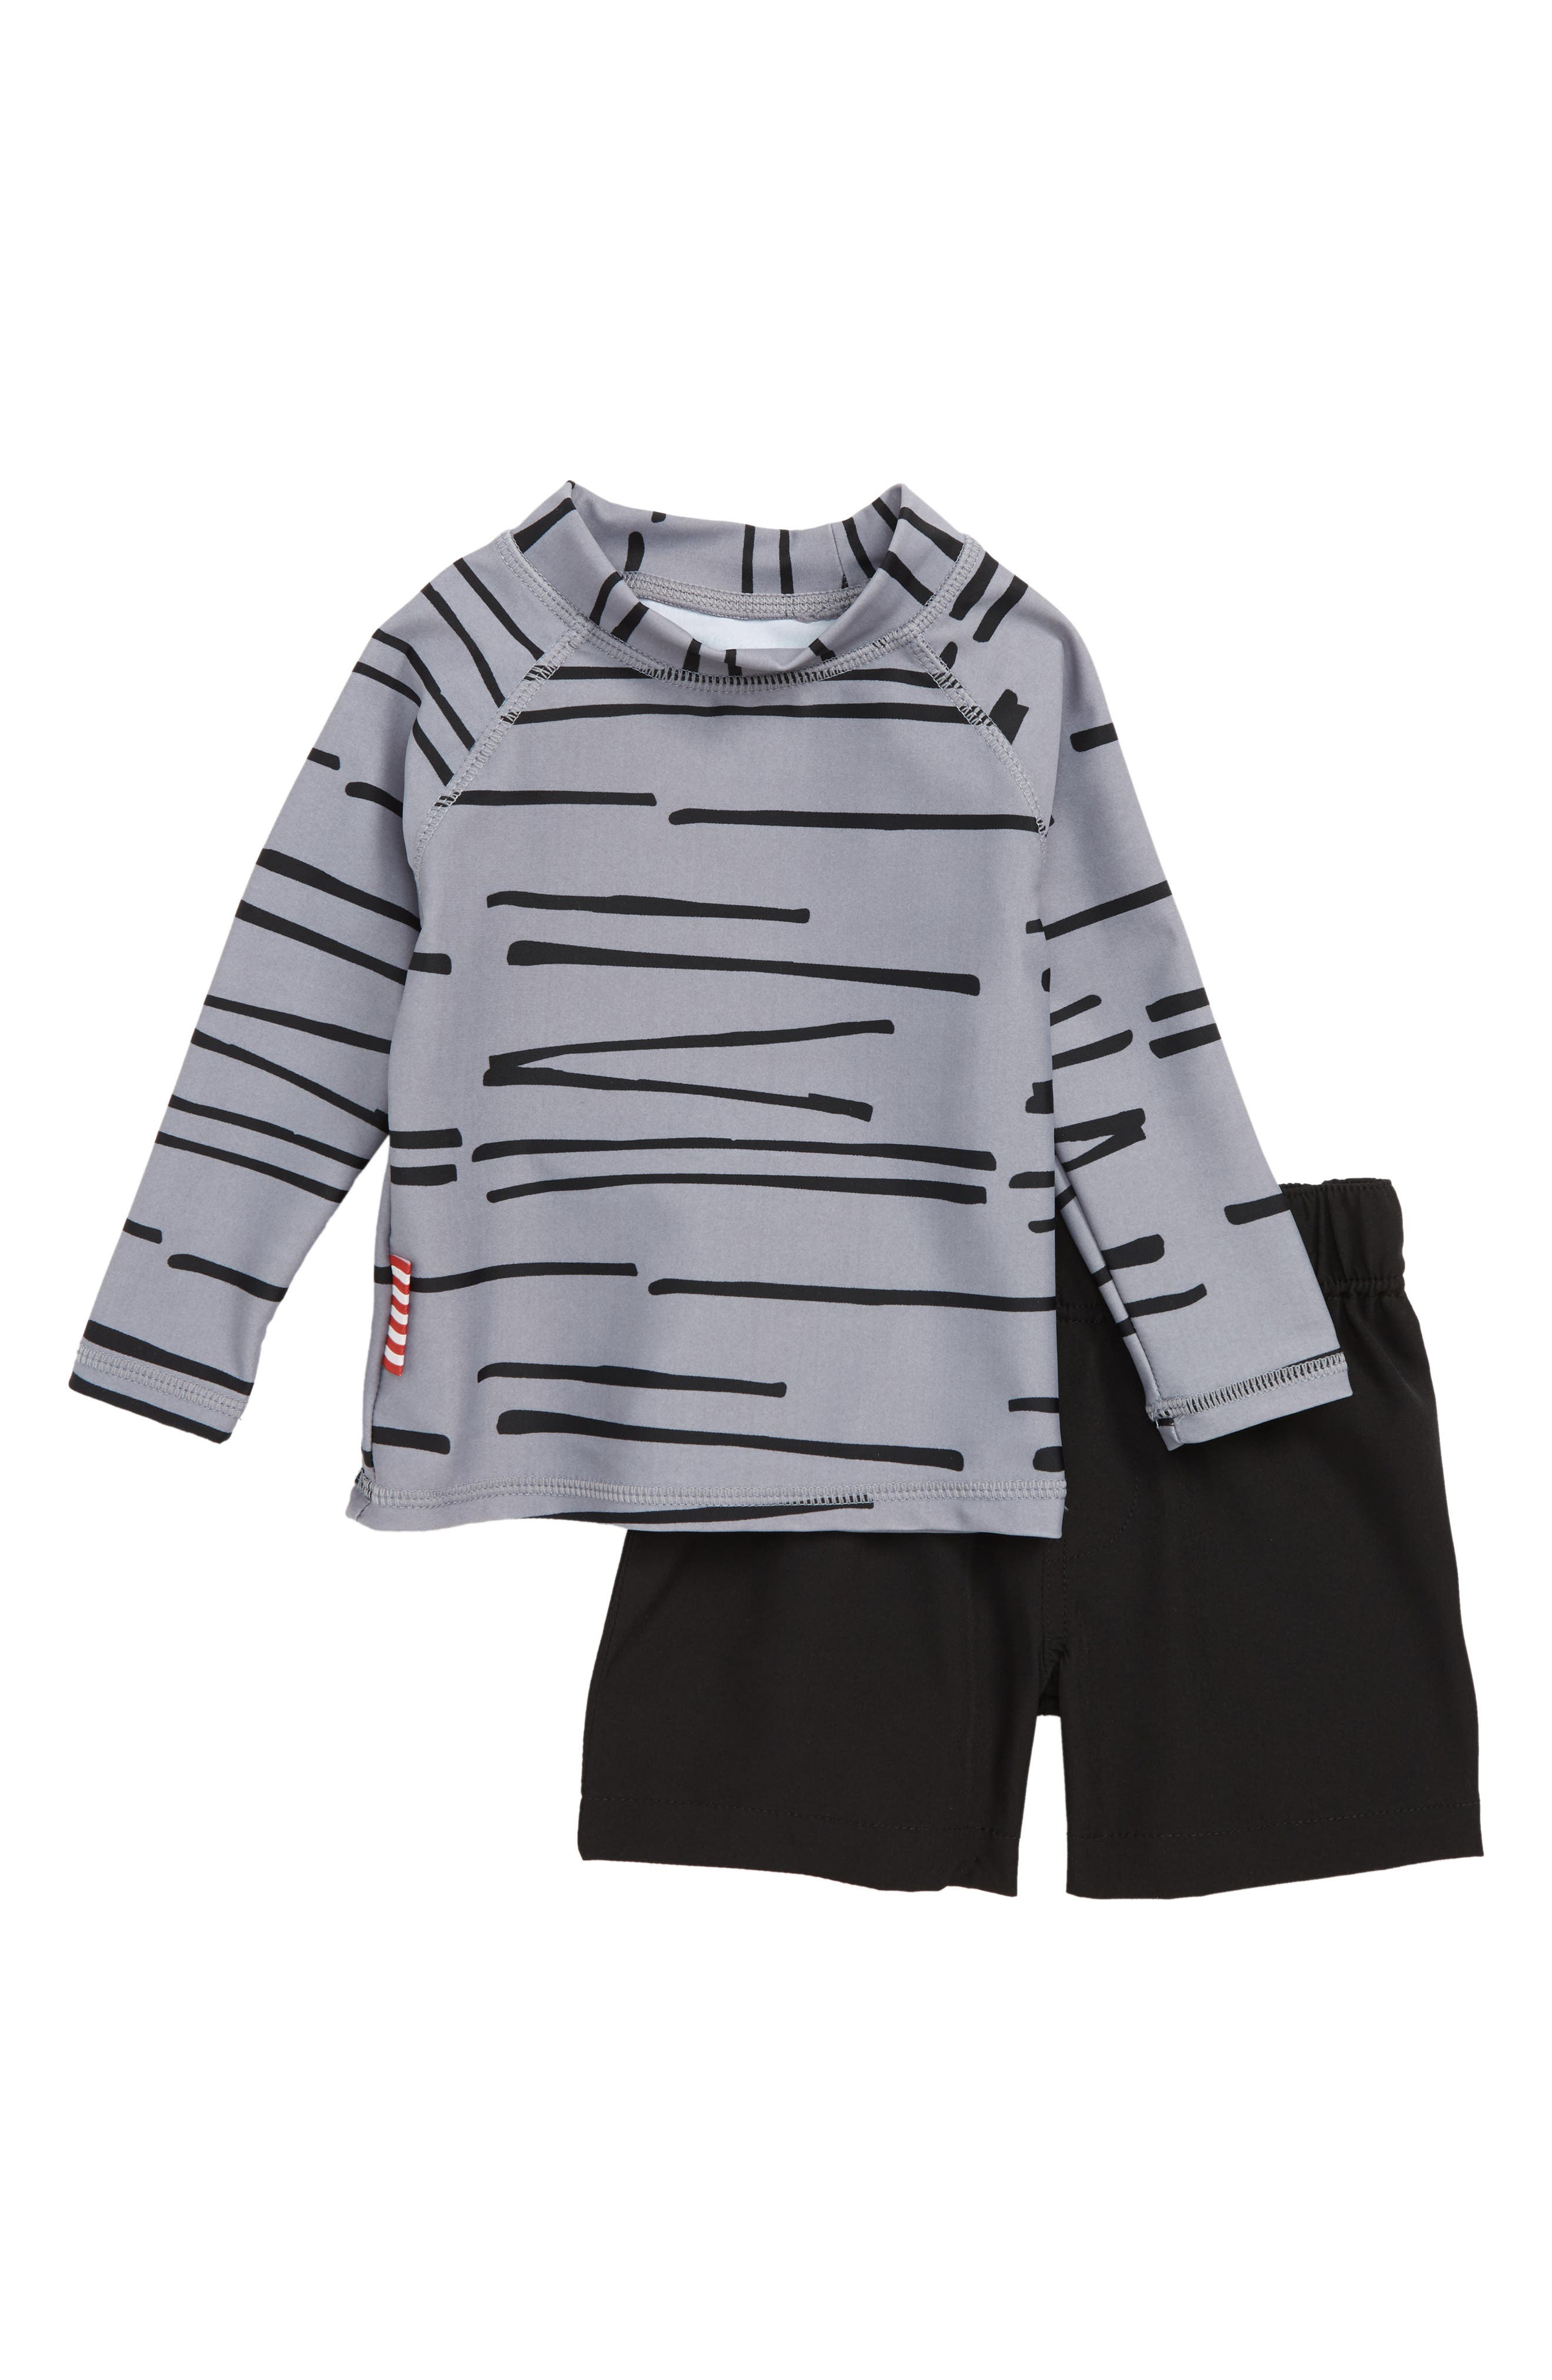 Tiger Stripe Rashguard & Board Shorts Set,                             Main thumbnail 1, color,                             035